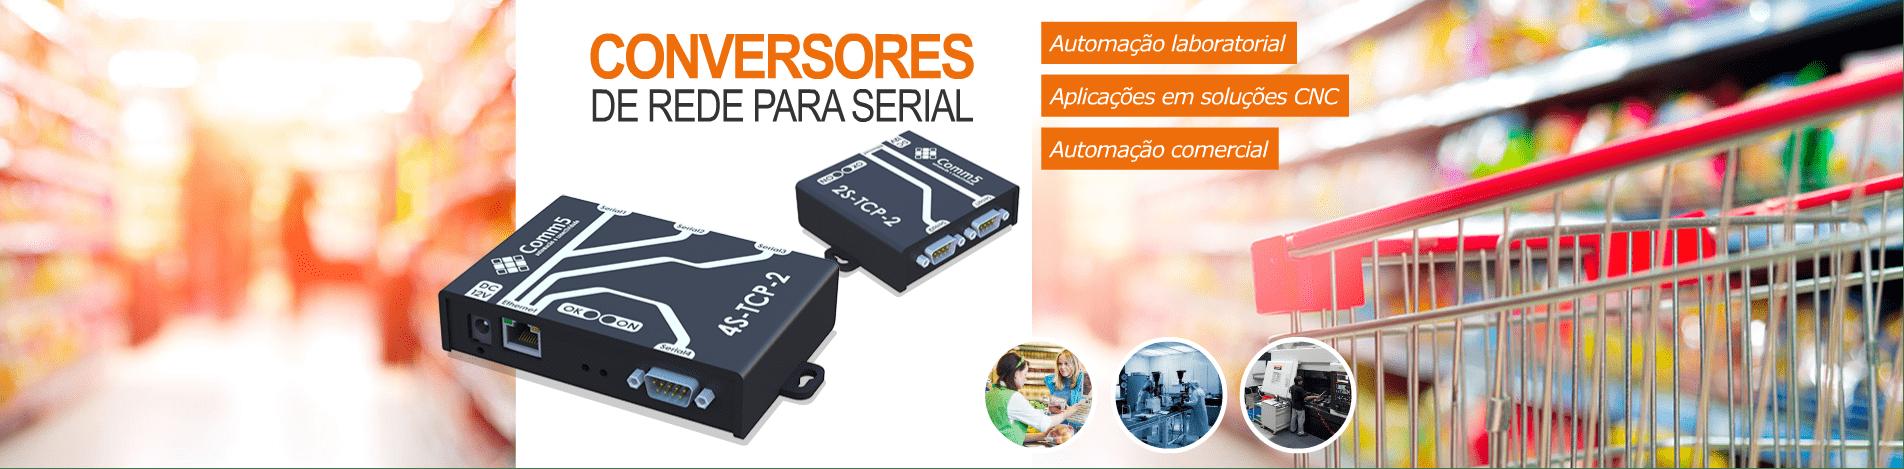 Conversores de rede para serial, automação laboratorial, aplicações em soluções CNC, automação comercial, etc